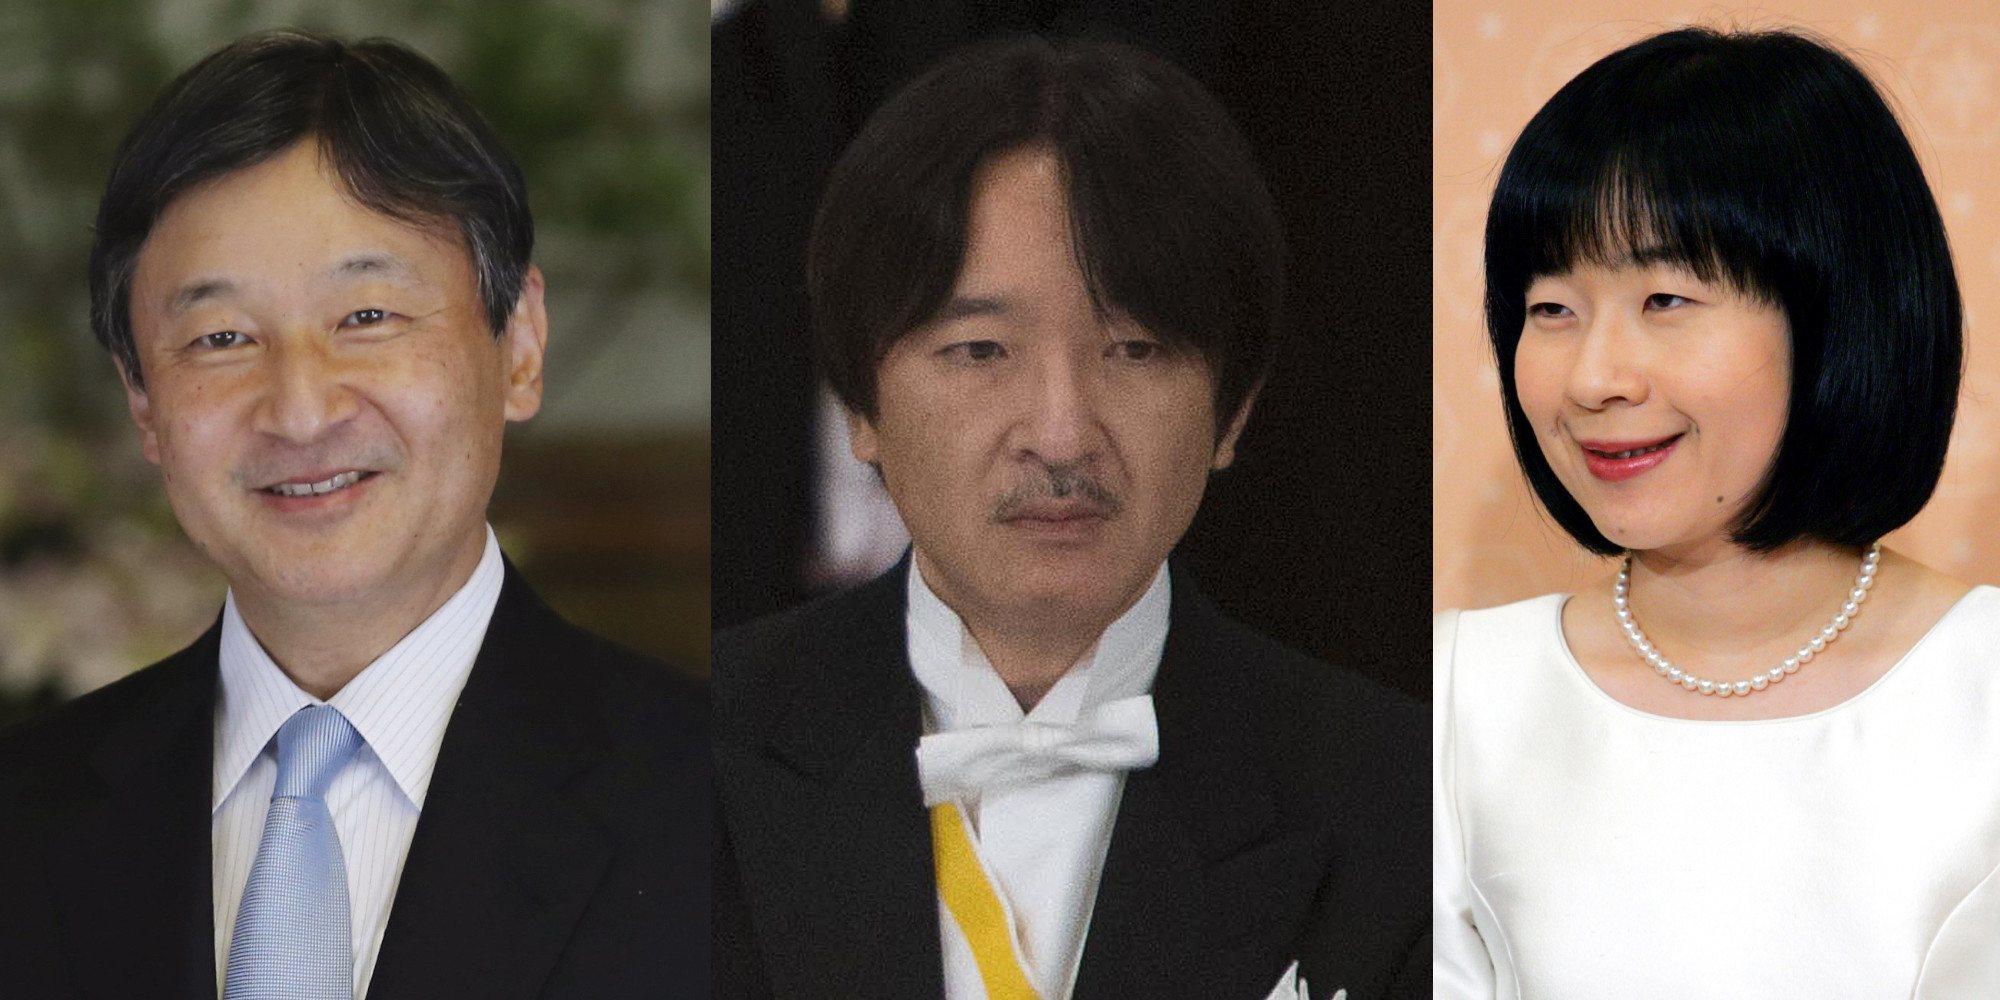 Rigidez, disciplina imperial, renuncias y tensiones: Así son y así se llevan el Emperador Naruhito de Japón y sus hermanos